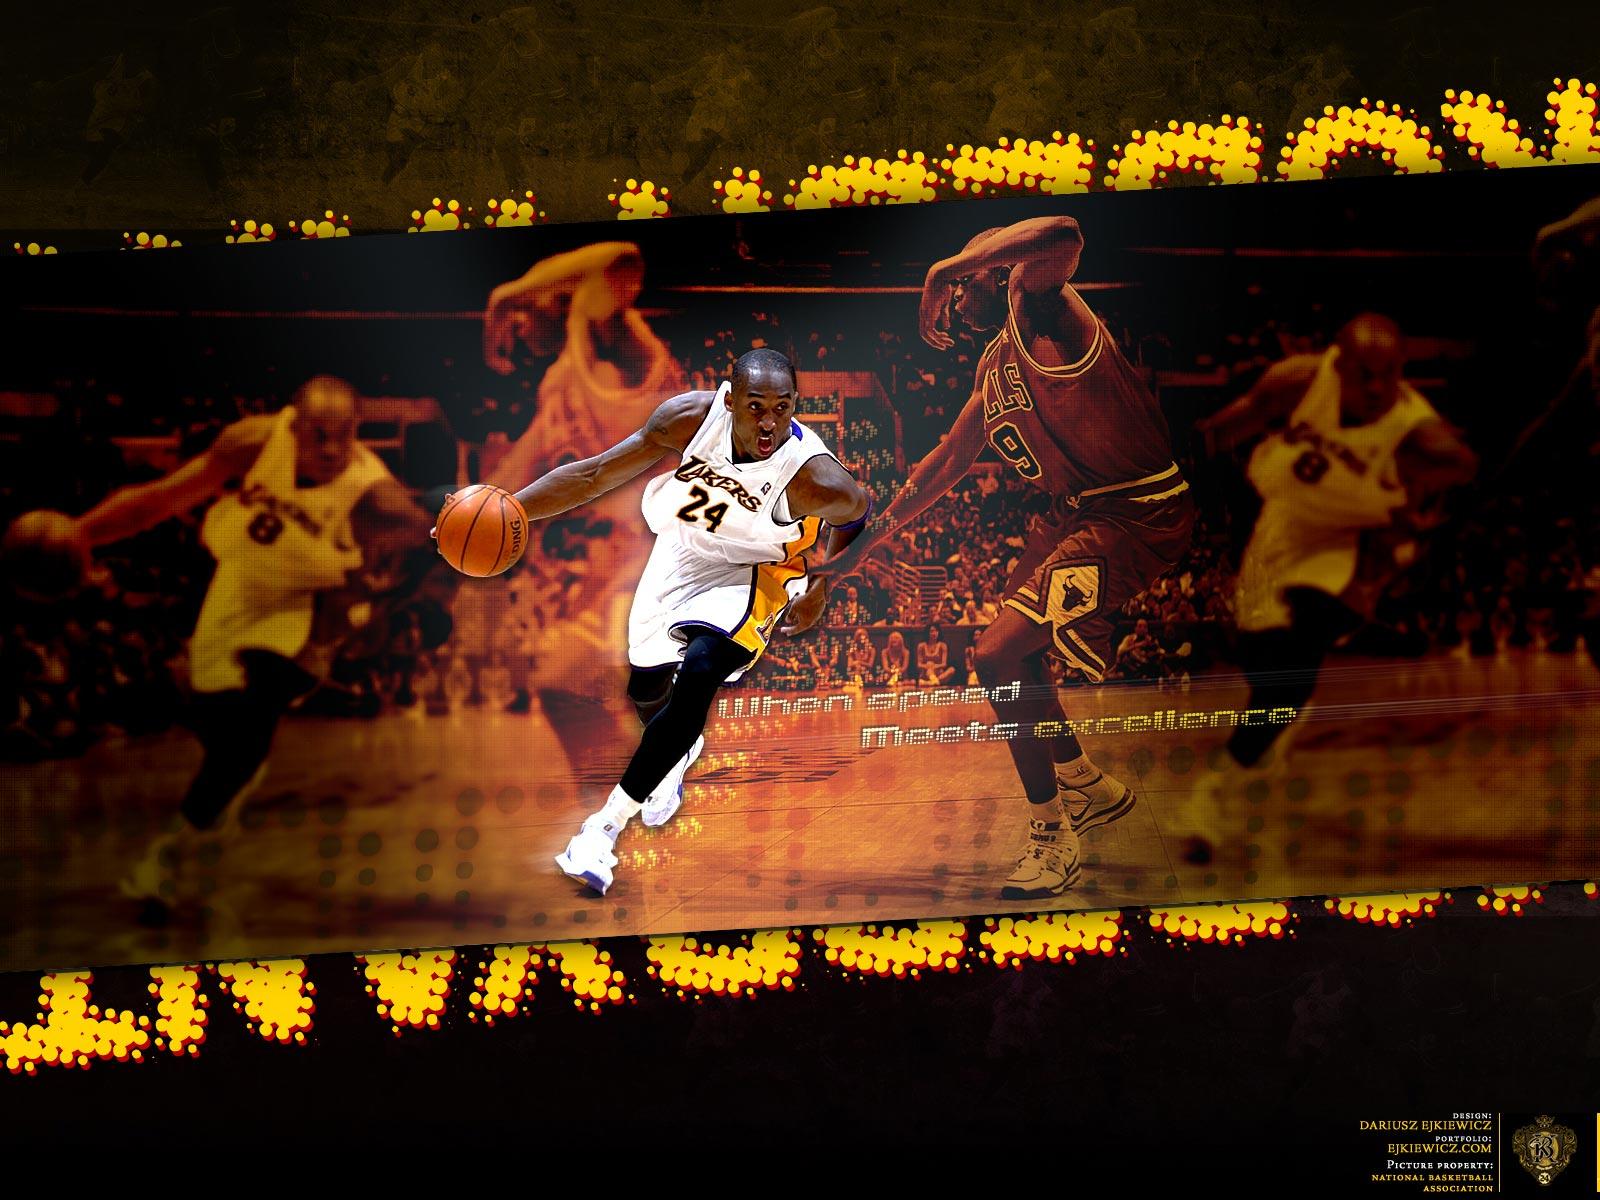 http://4.bp.blogspot.com/-BmBvQTLJmXo/TjPJFr9iSnI/AAAAAAAAAKI/OR1lHrYnryo/s1600/Kobe-Bryant-24-Wallpaper.jpg